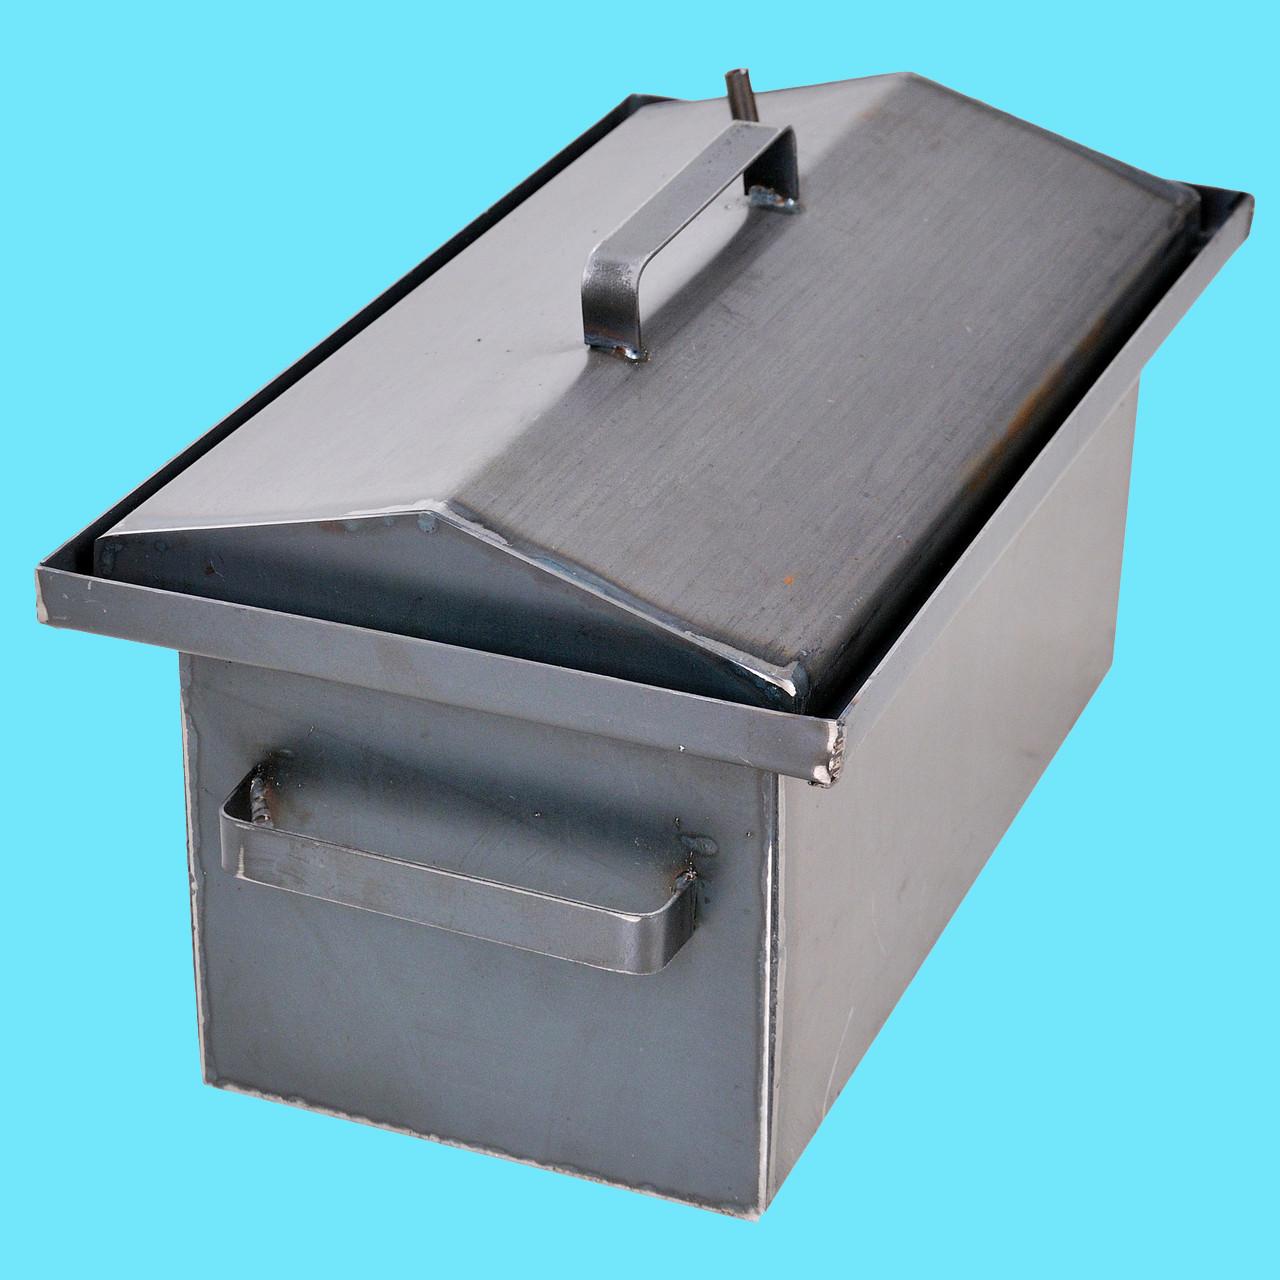 Коптильня горячего копчения 2мм 460х300х280мм с Гидрозатвором (коптилка,каптилка)